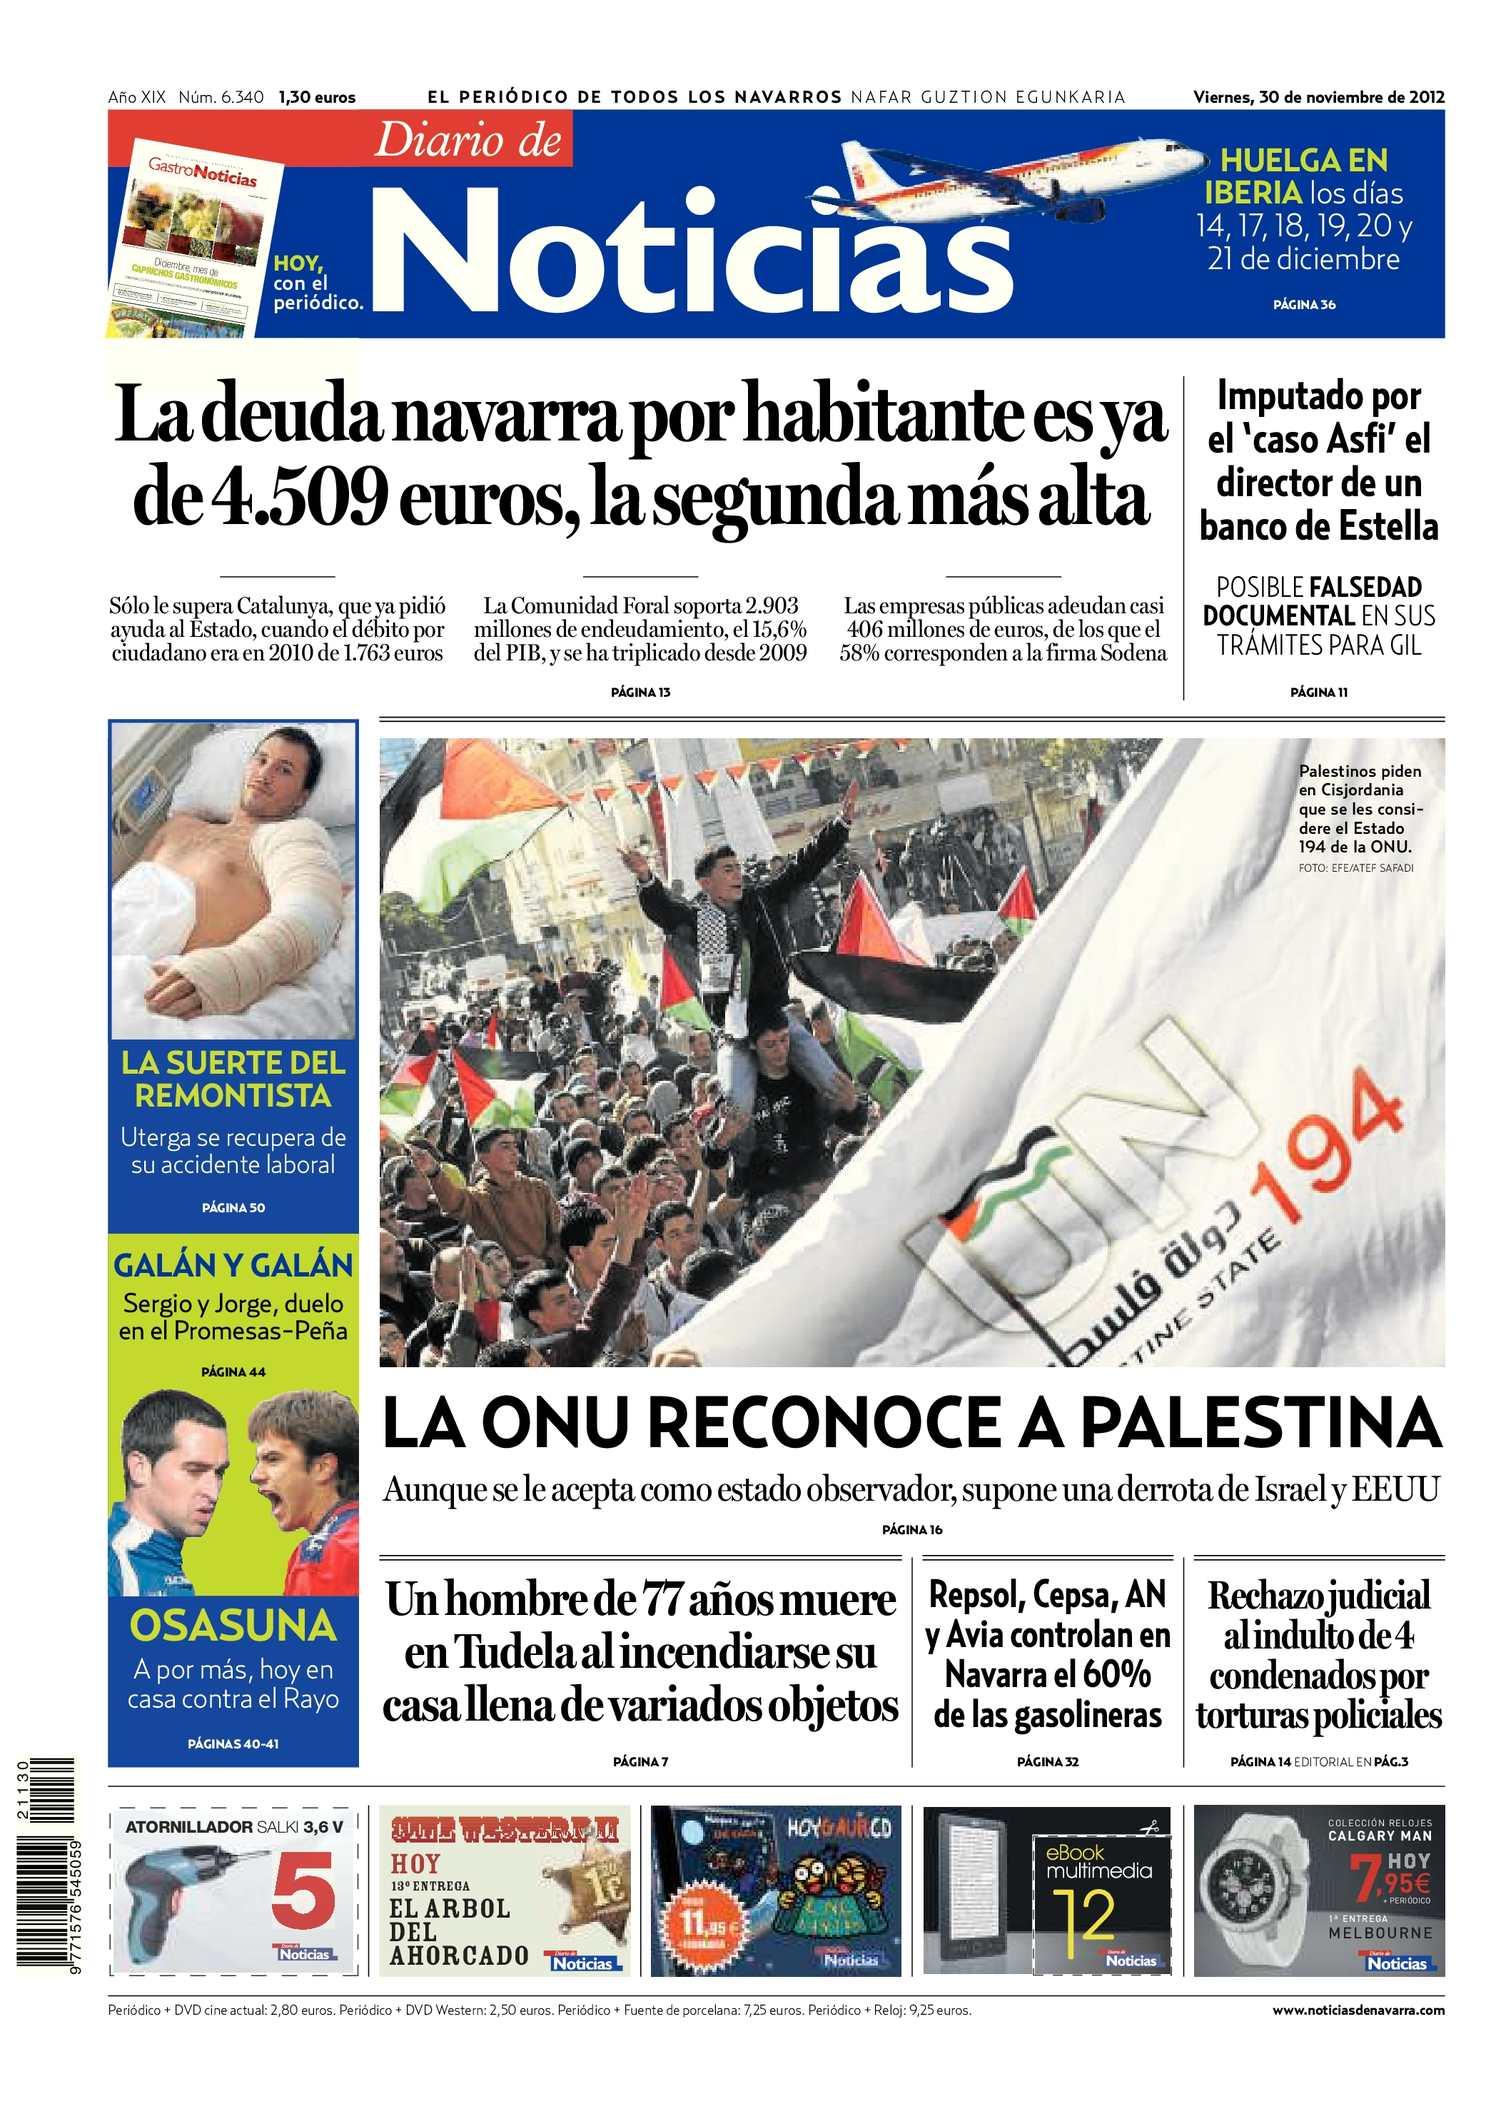 Calaméo - Diario de Noticias 20121130